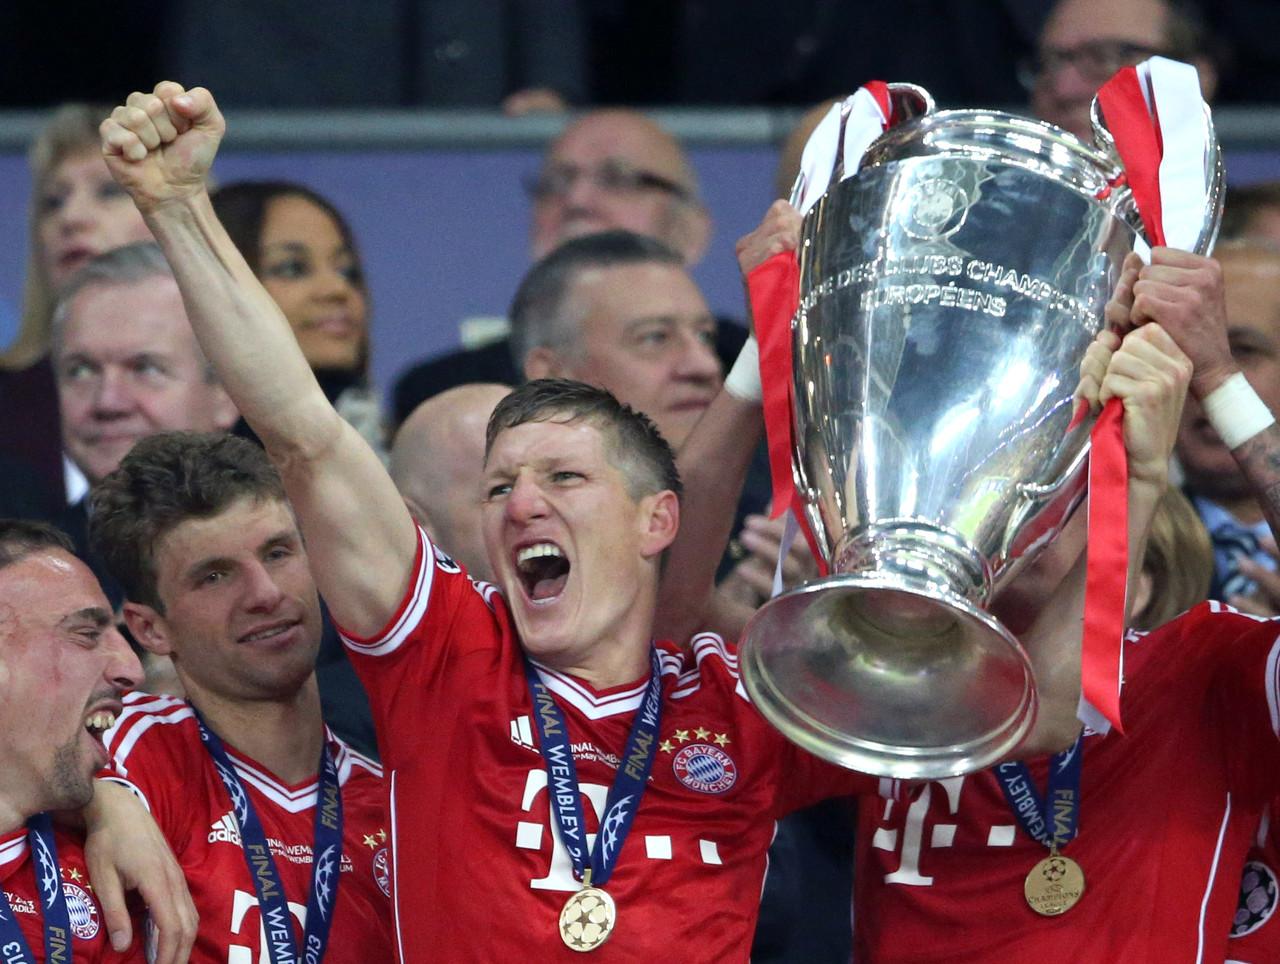 拜仁能够夺欧冠,特别是利物浦已出局的情况下 